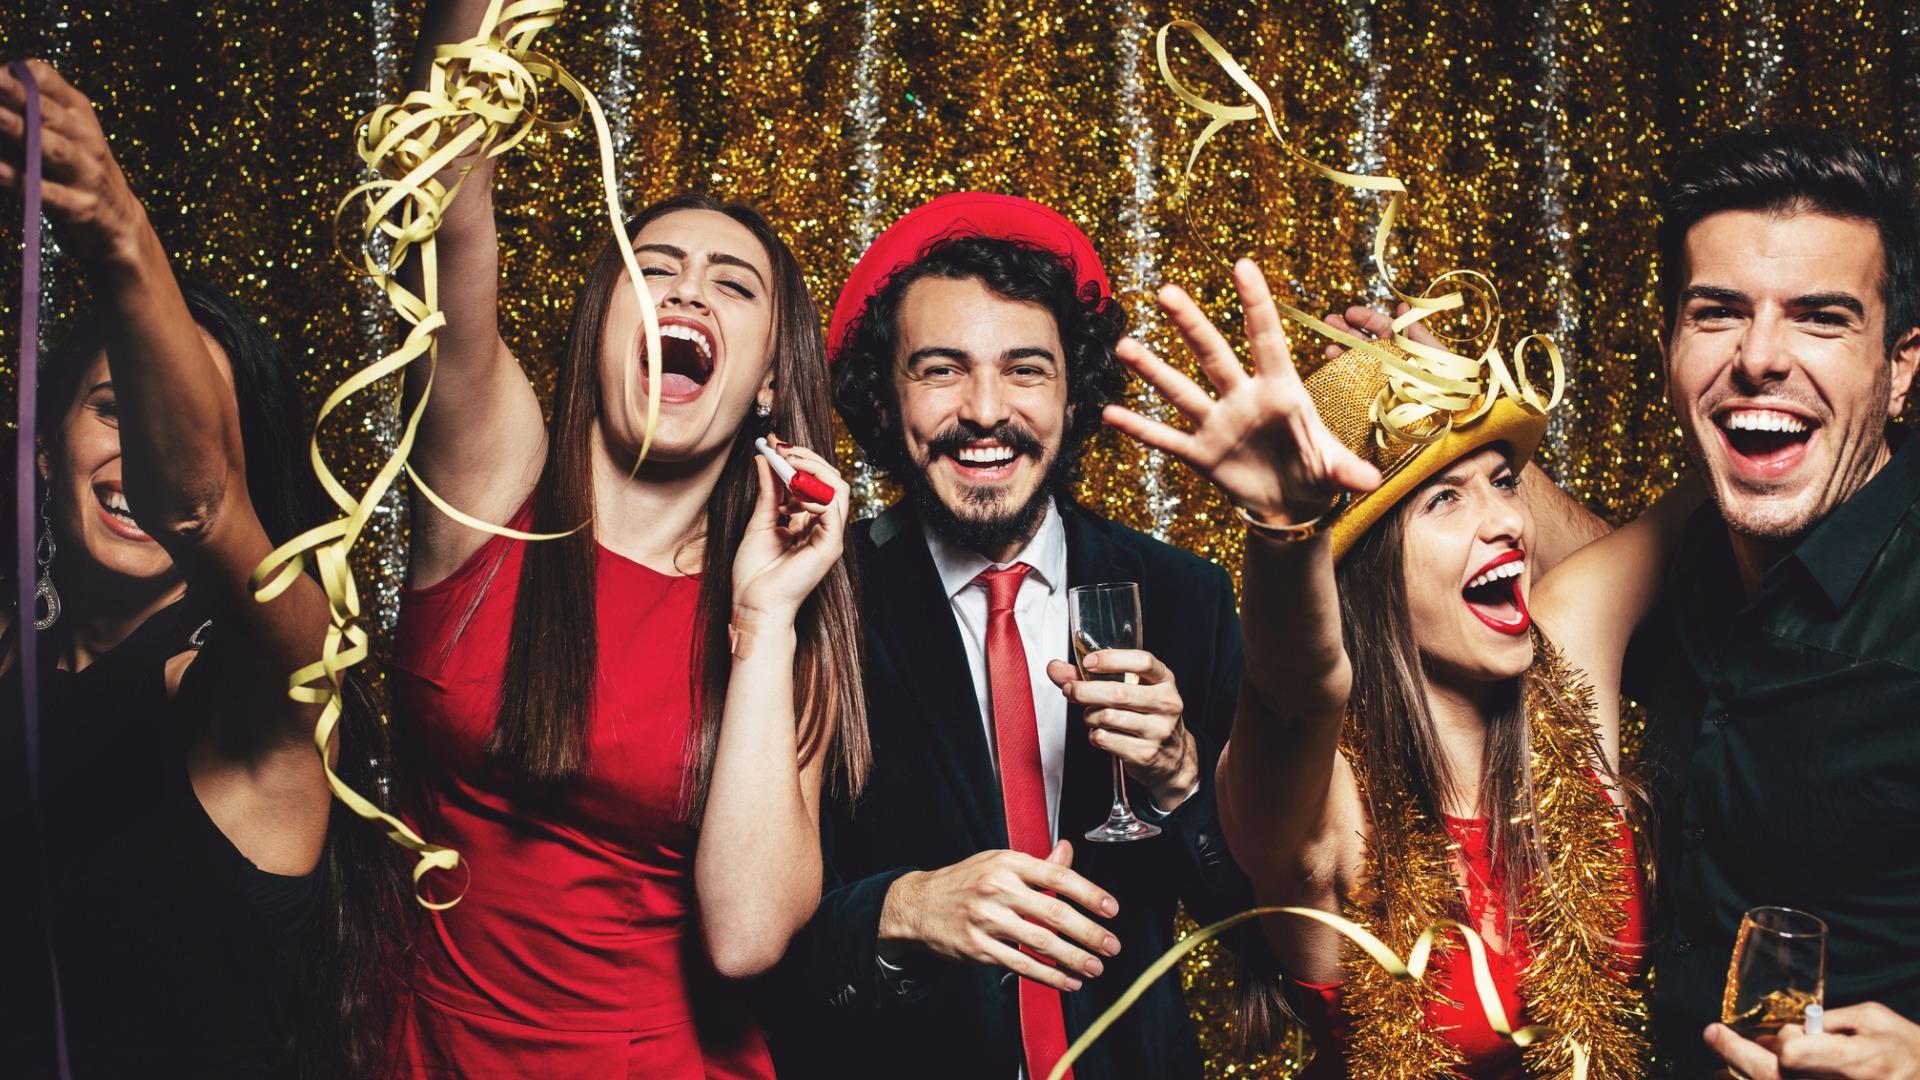 Freunde feiern Silvester zusammen mit Spielen